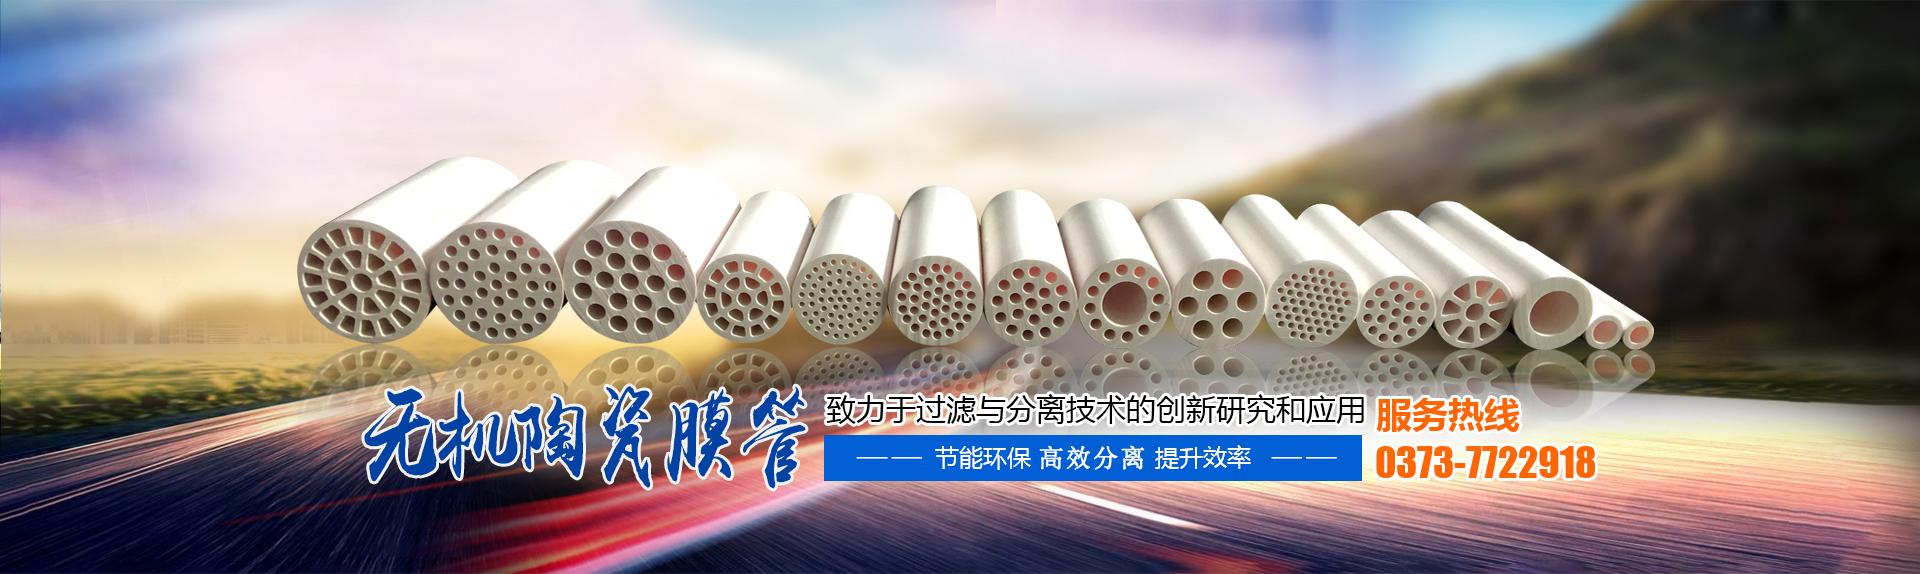 河南永新科技无限公司